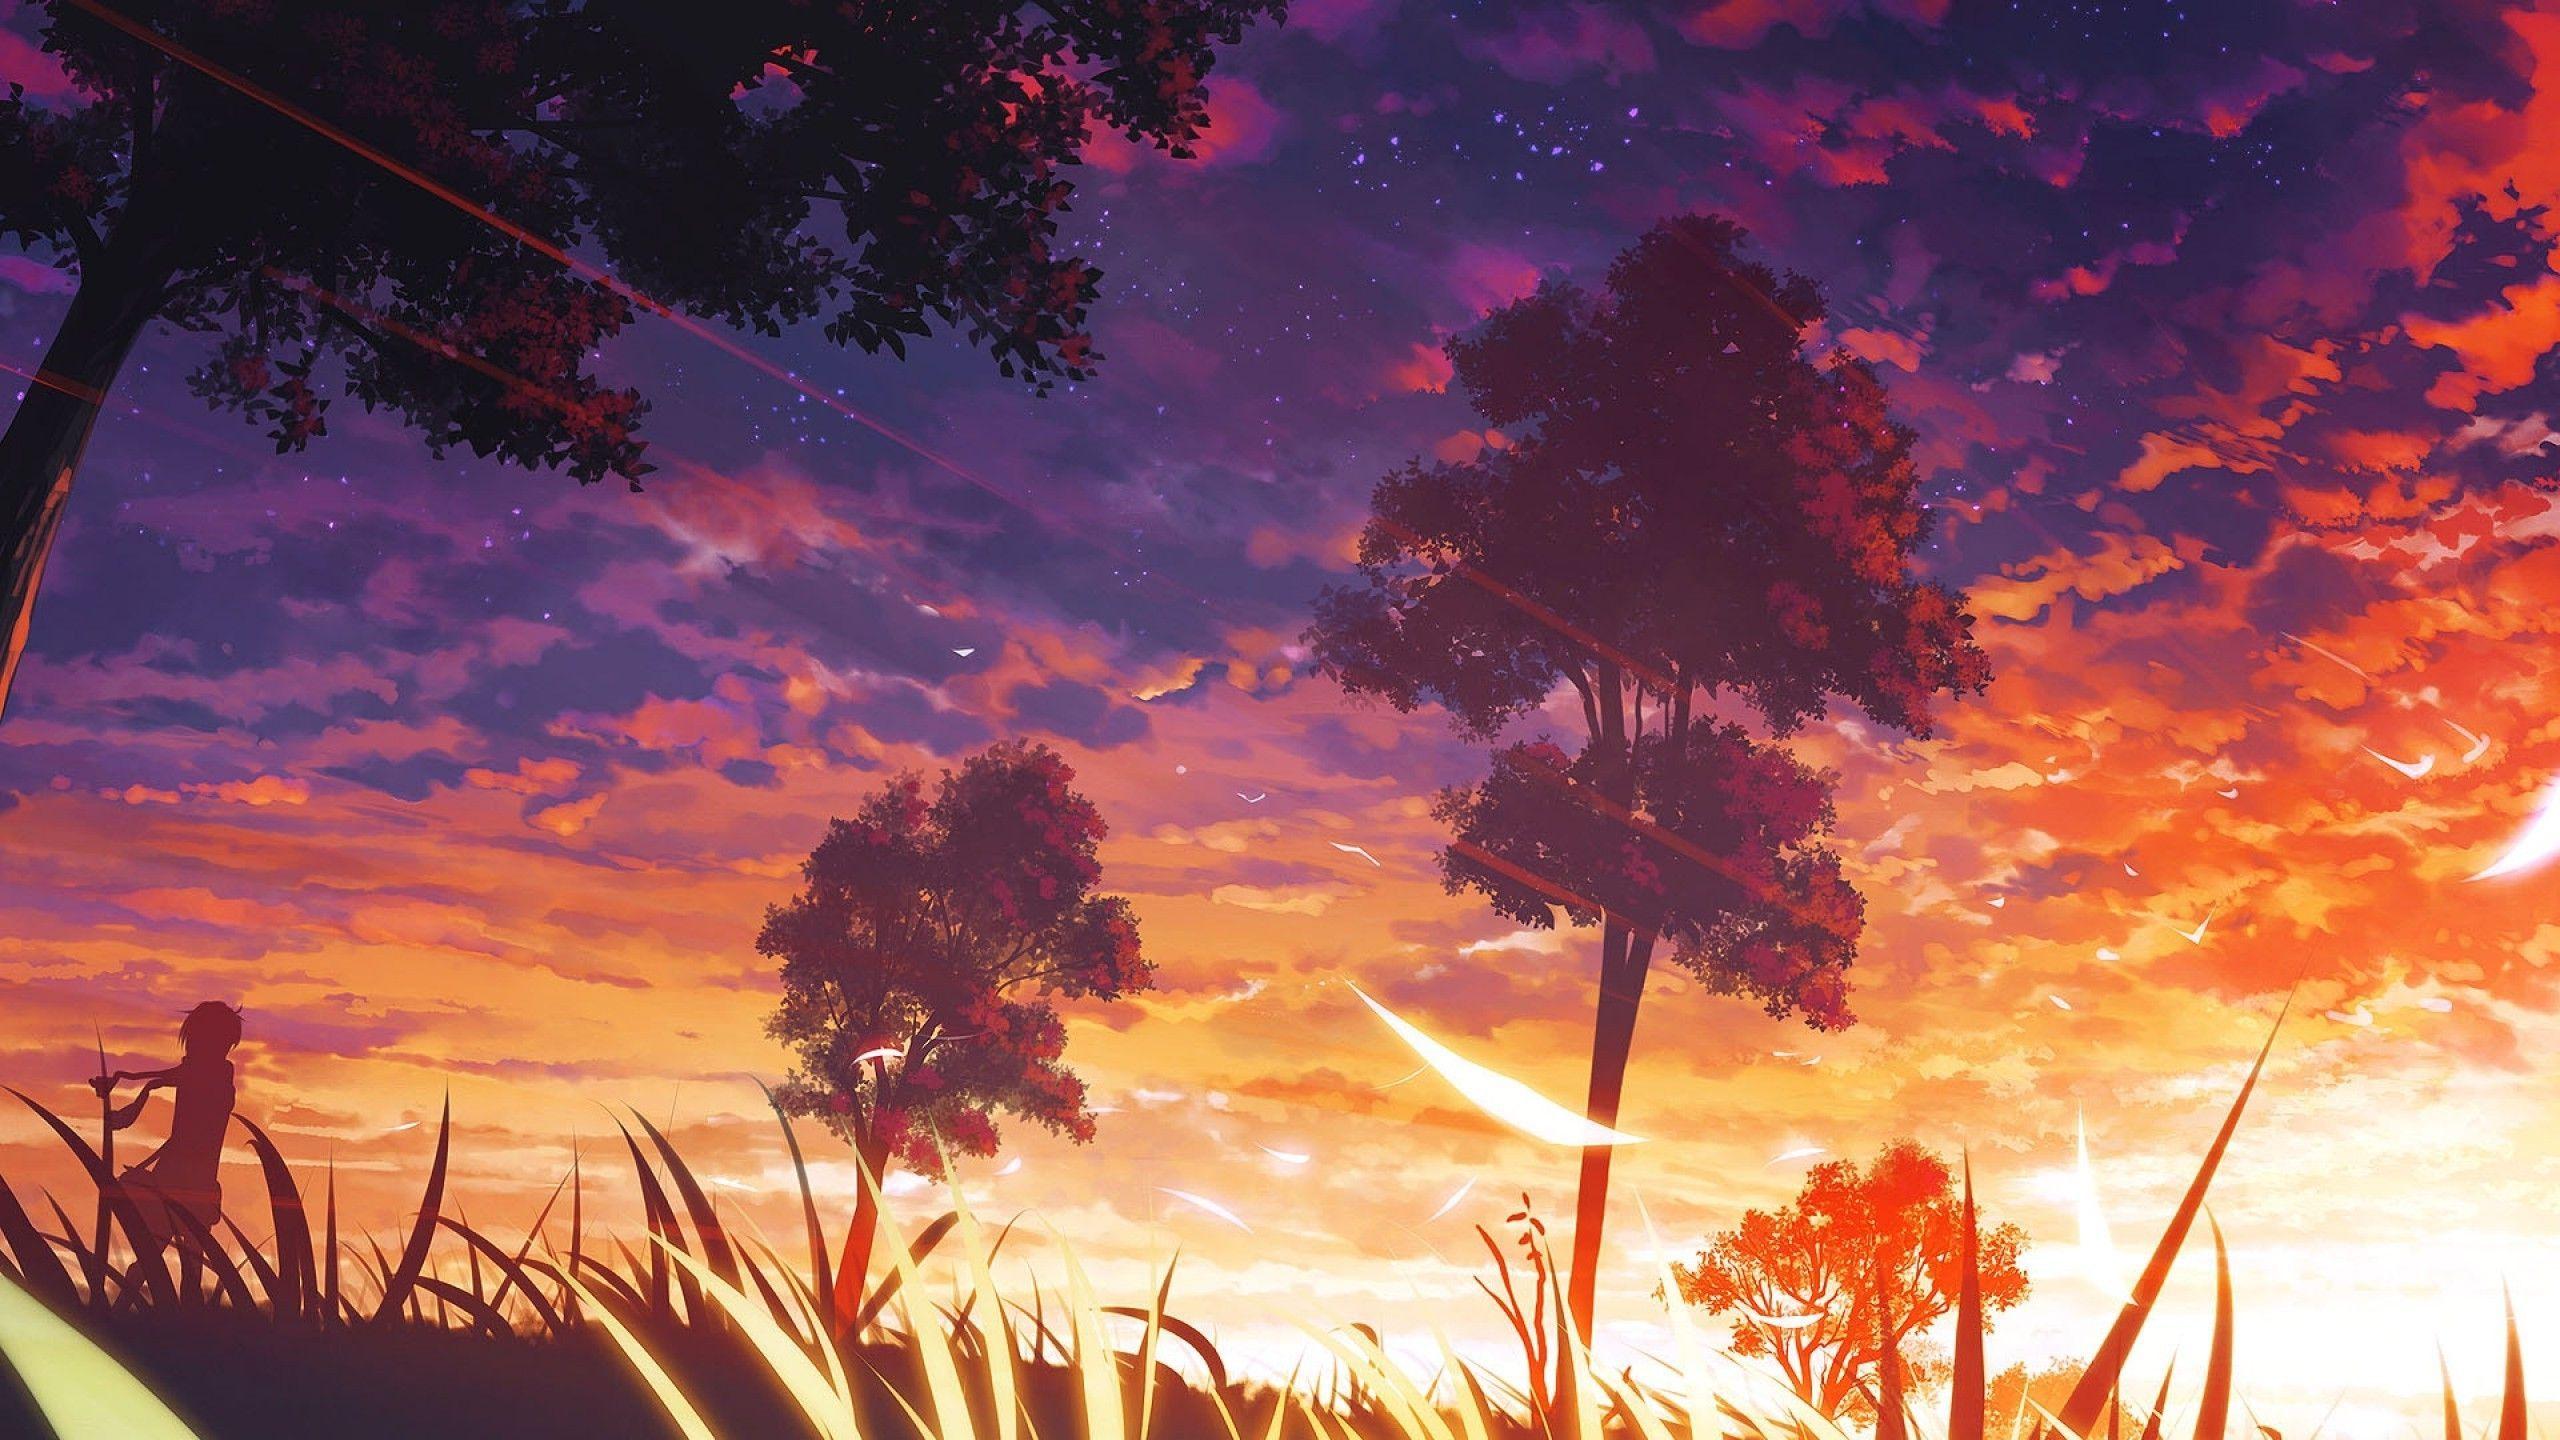 4k Wallpaper Anime Landscape Hd Art Wallpaper In 2020 Anime Scenery Anime Background Sky Anime